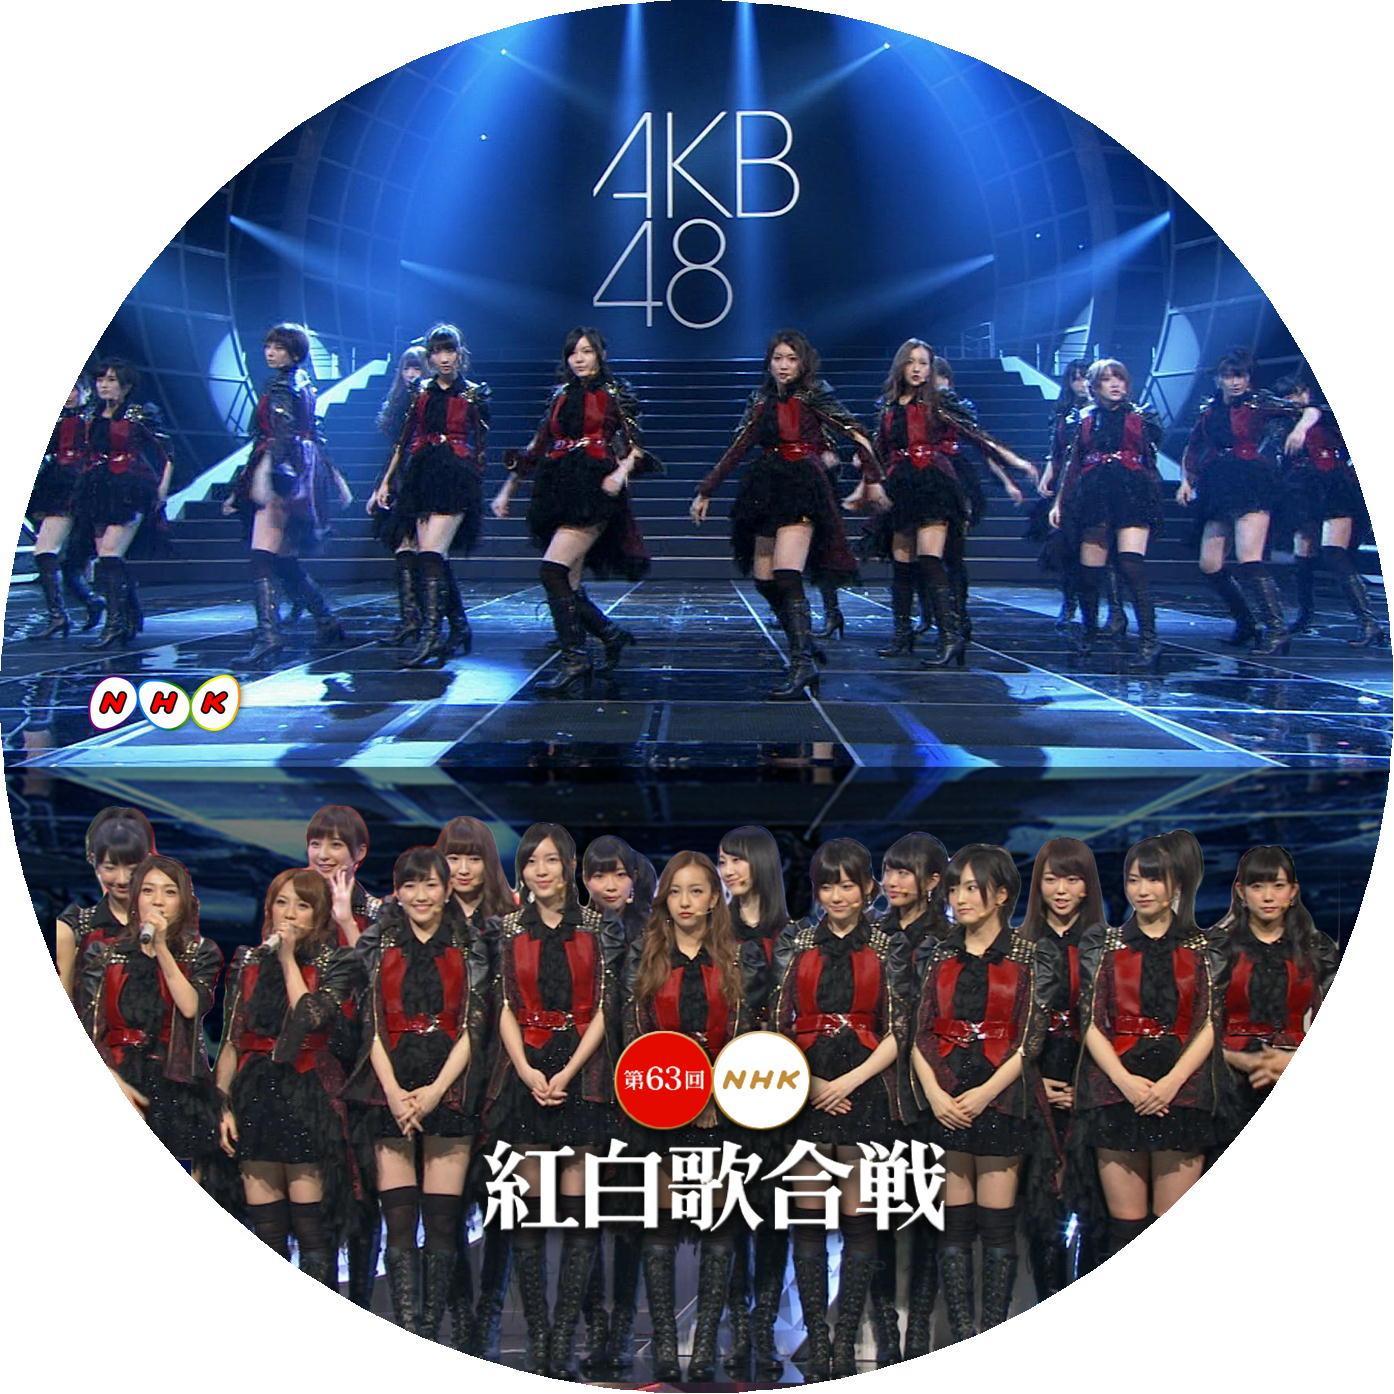 紅白歌合戦 AKB48 v1<br /> DVDラベル